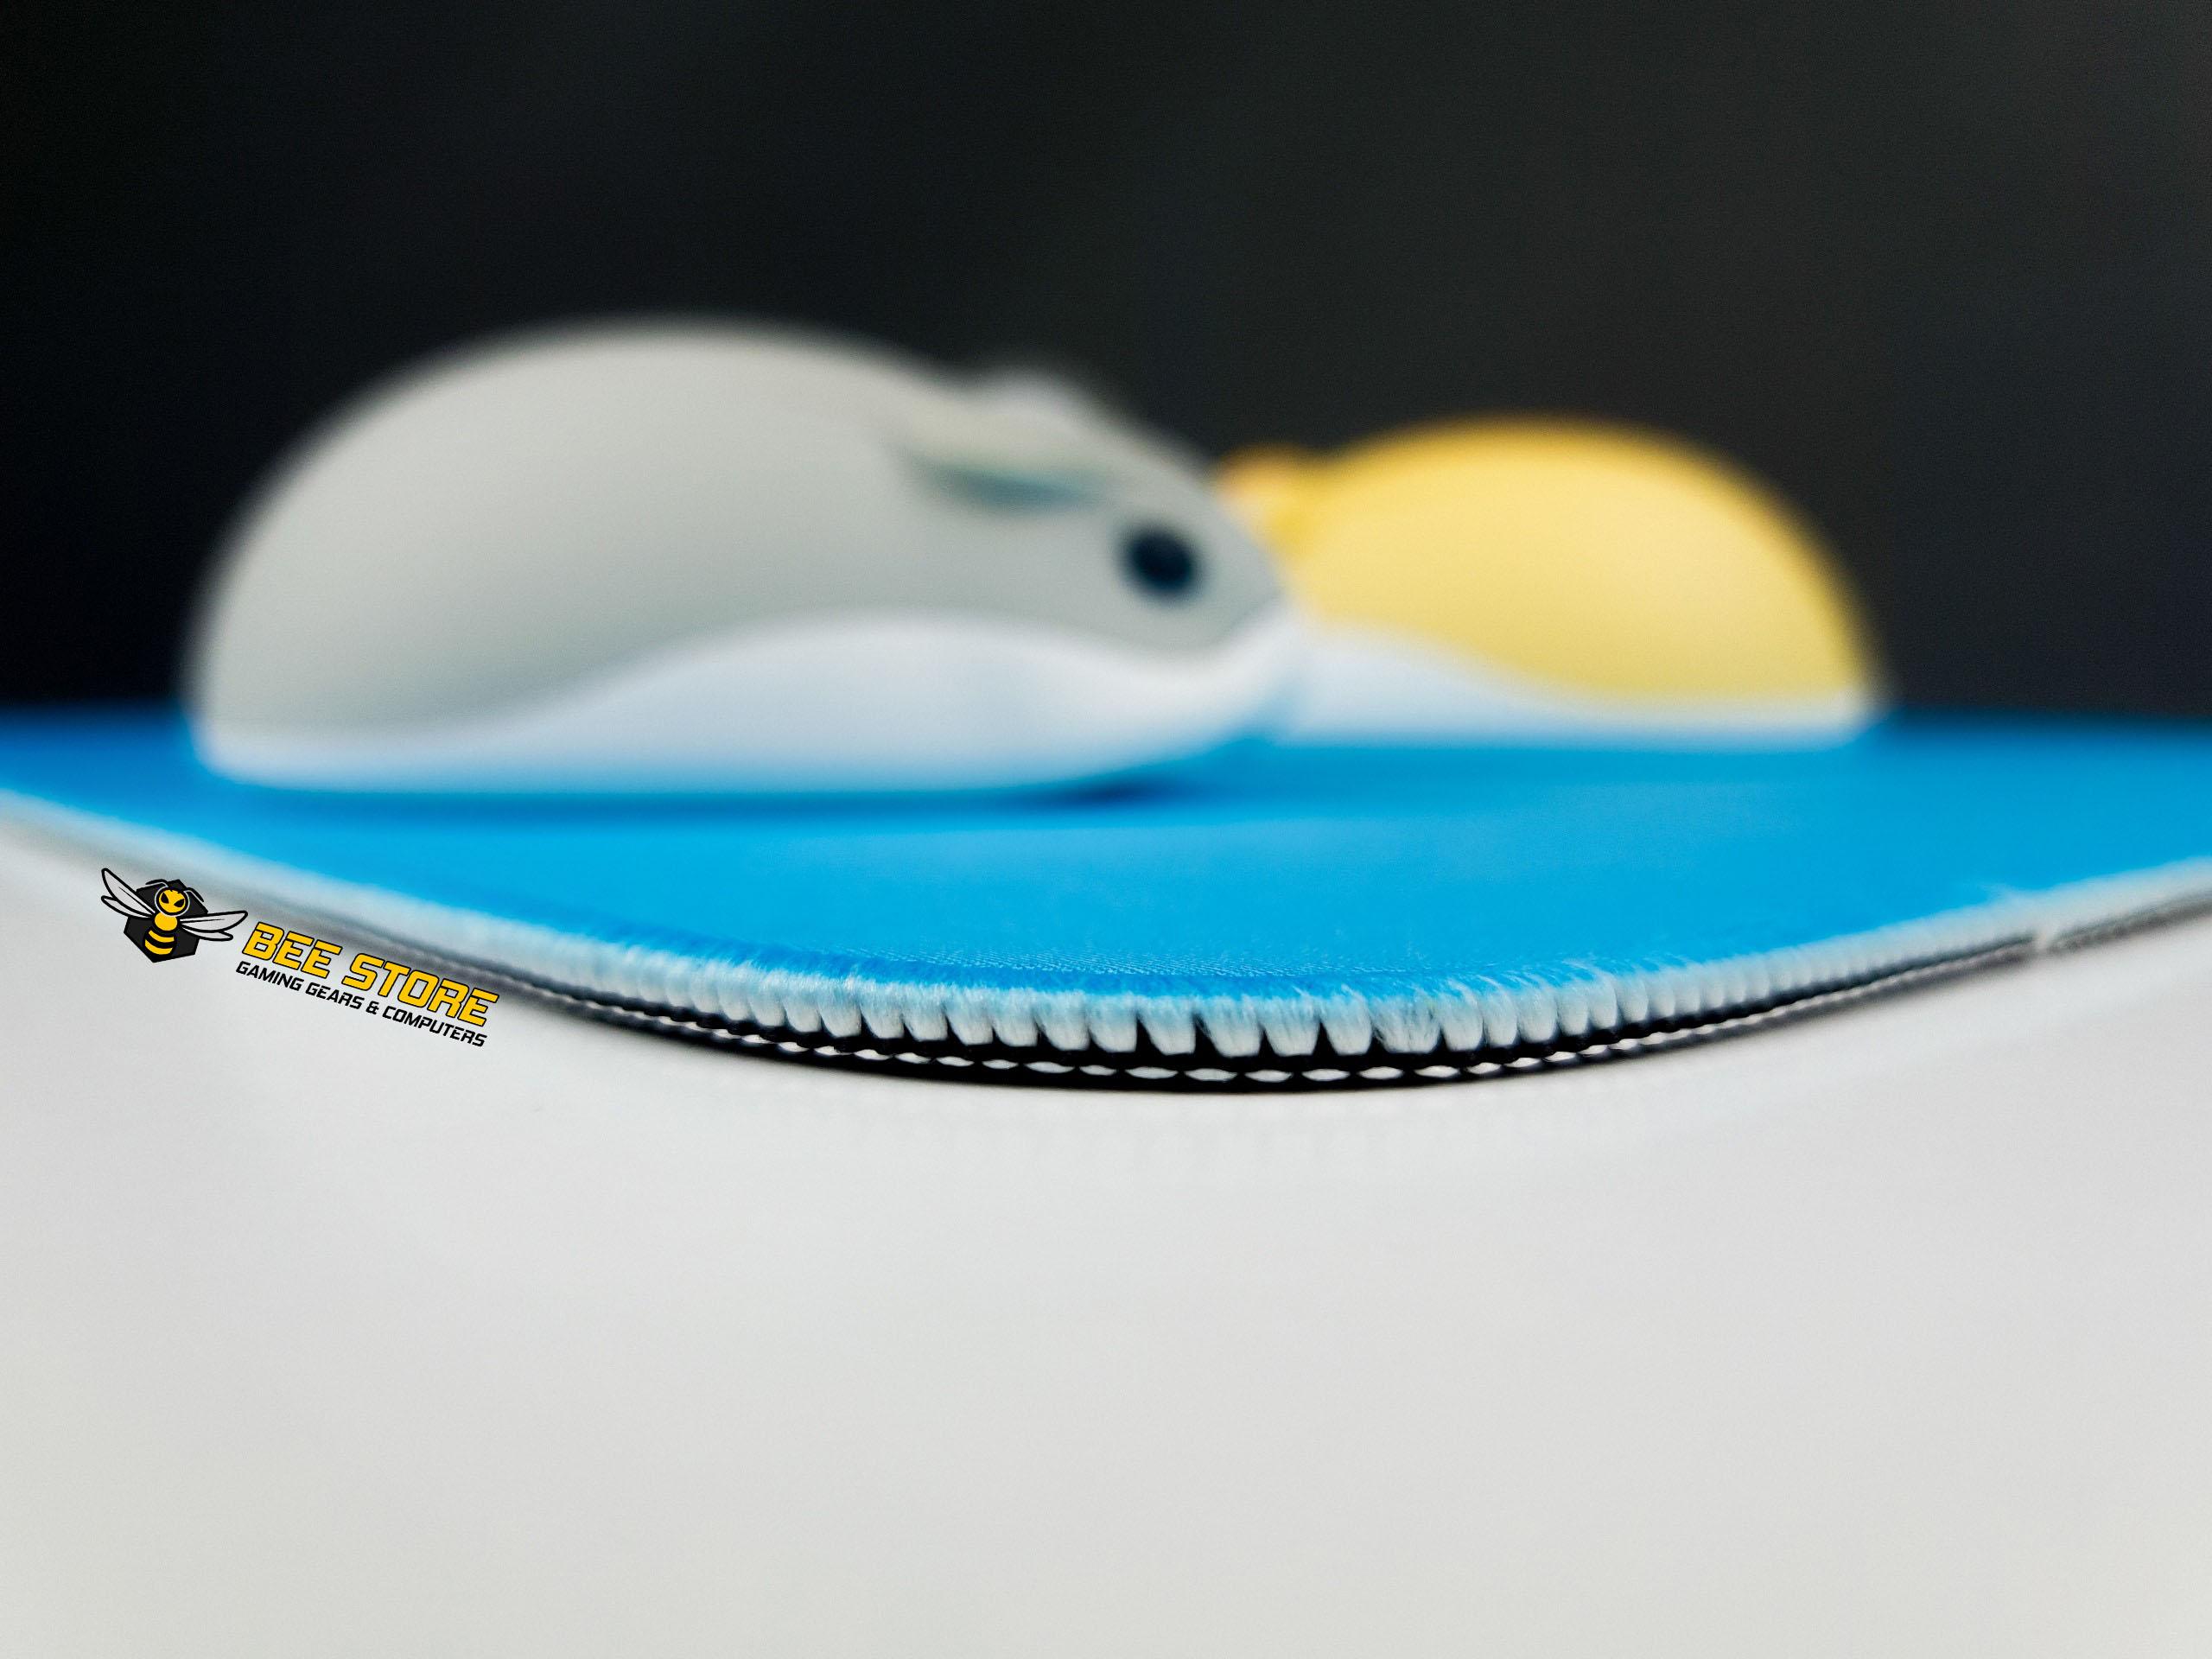 ban-di-chuot-akko-color-size-m-Blue-beegaming-12